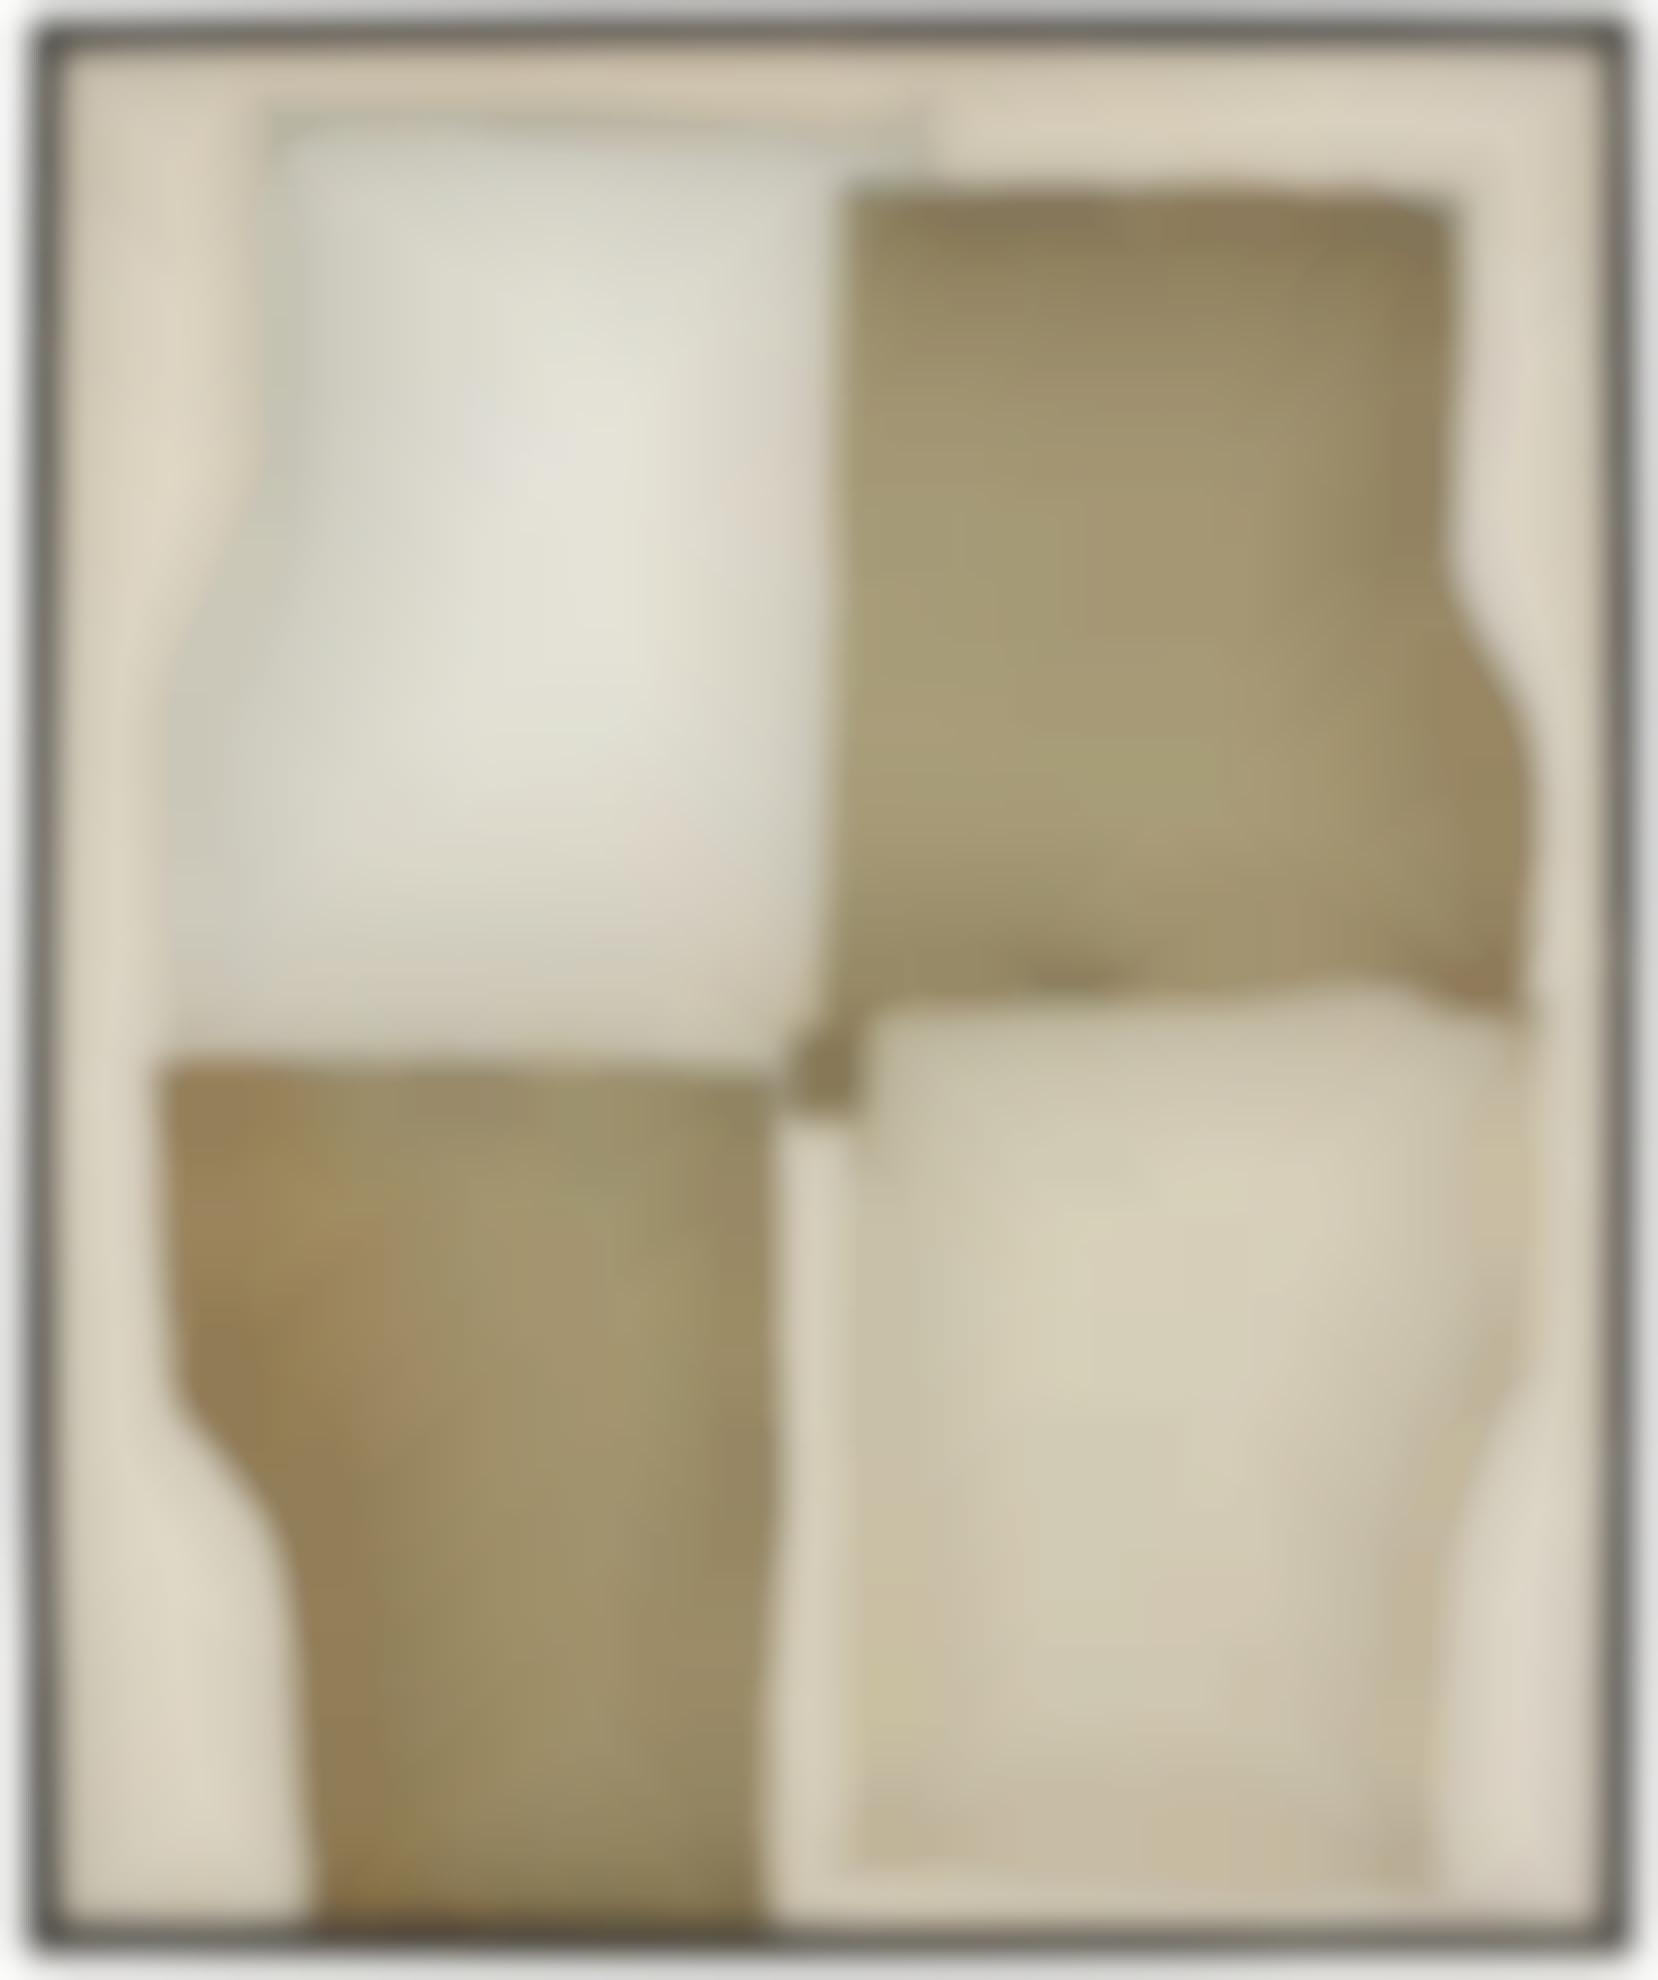 Conrad Marca-Relli-L-5-69-1969